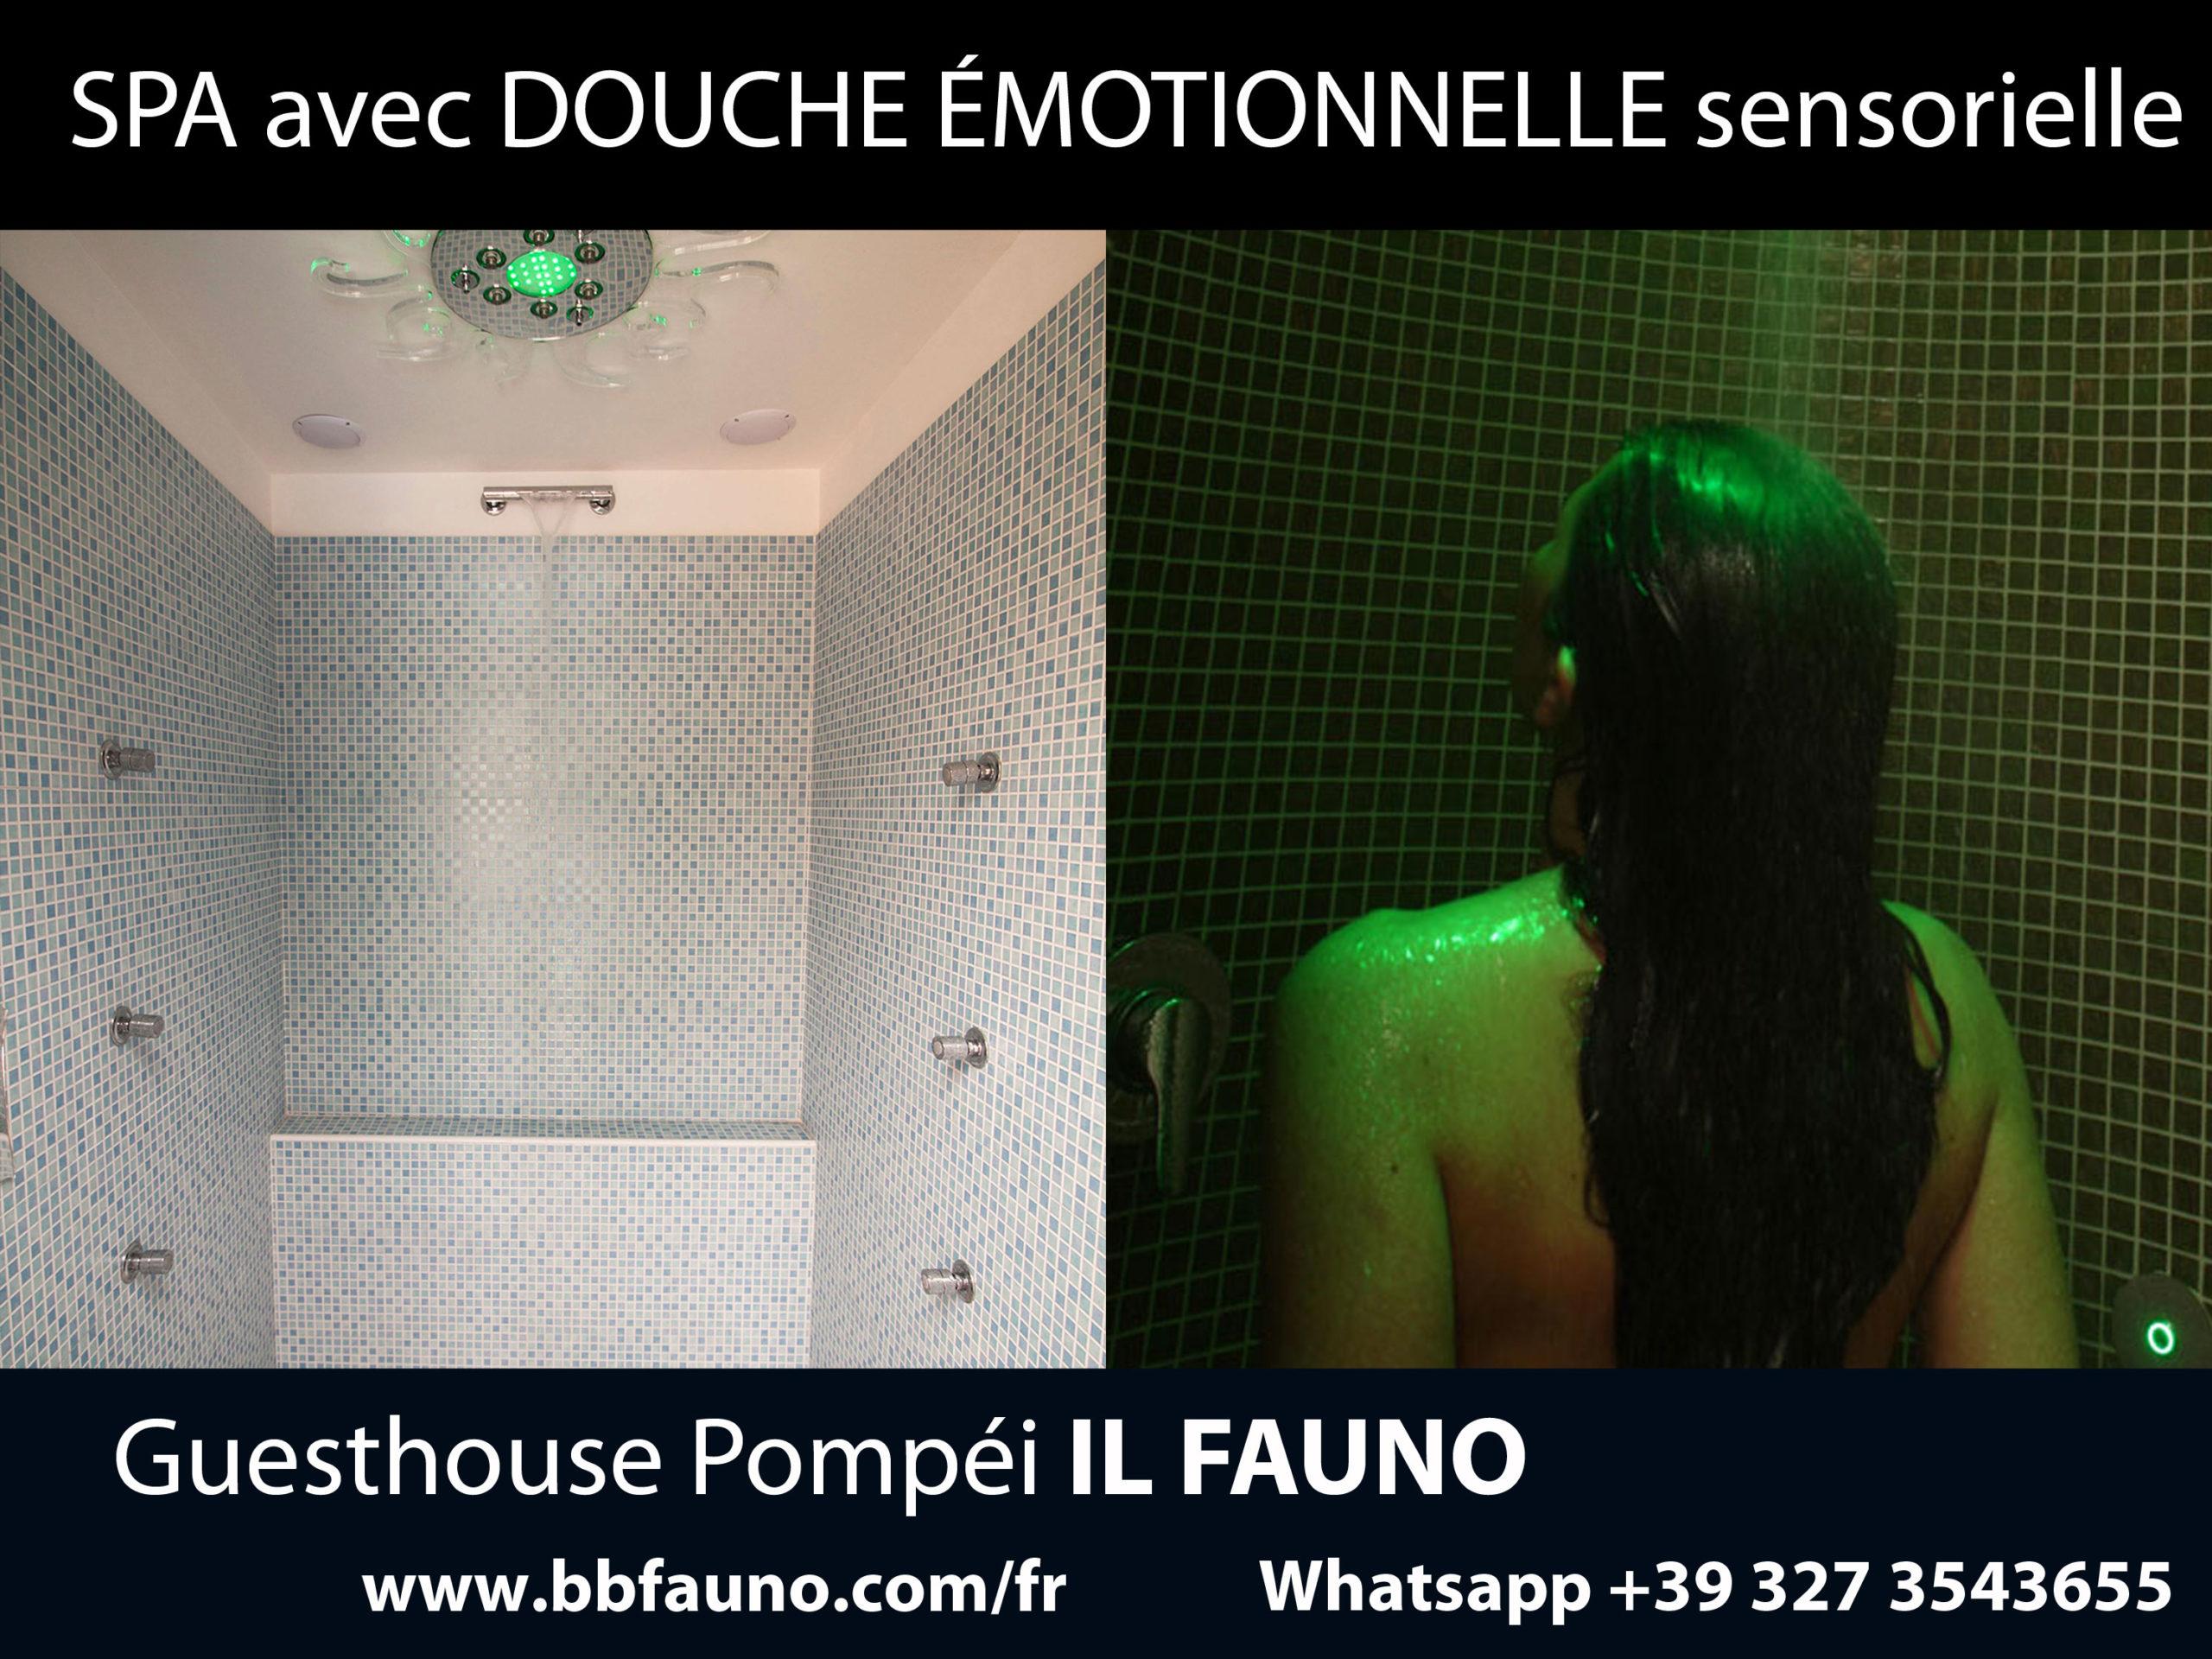 Pompéi hôtel douche émotionnelle